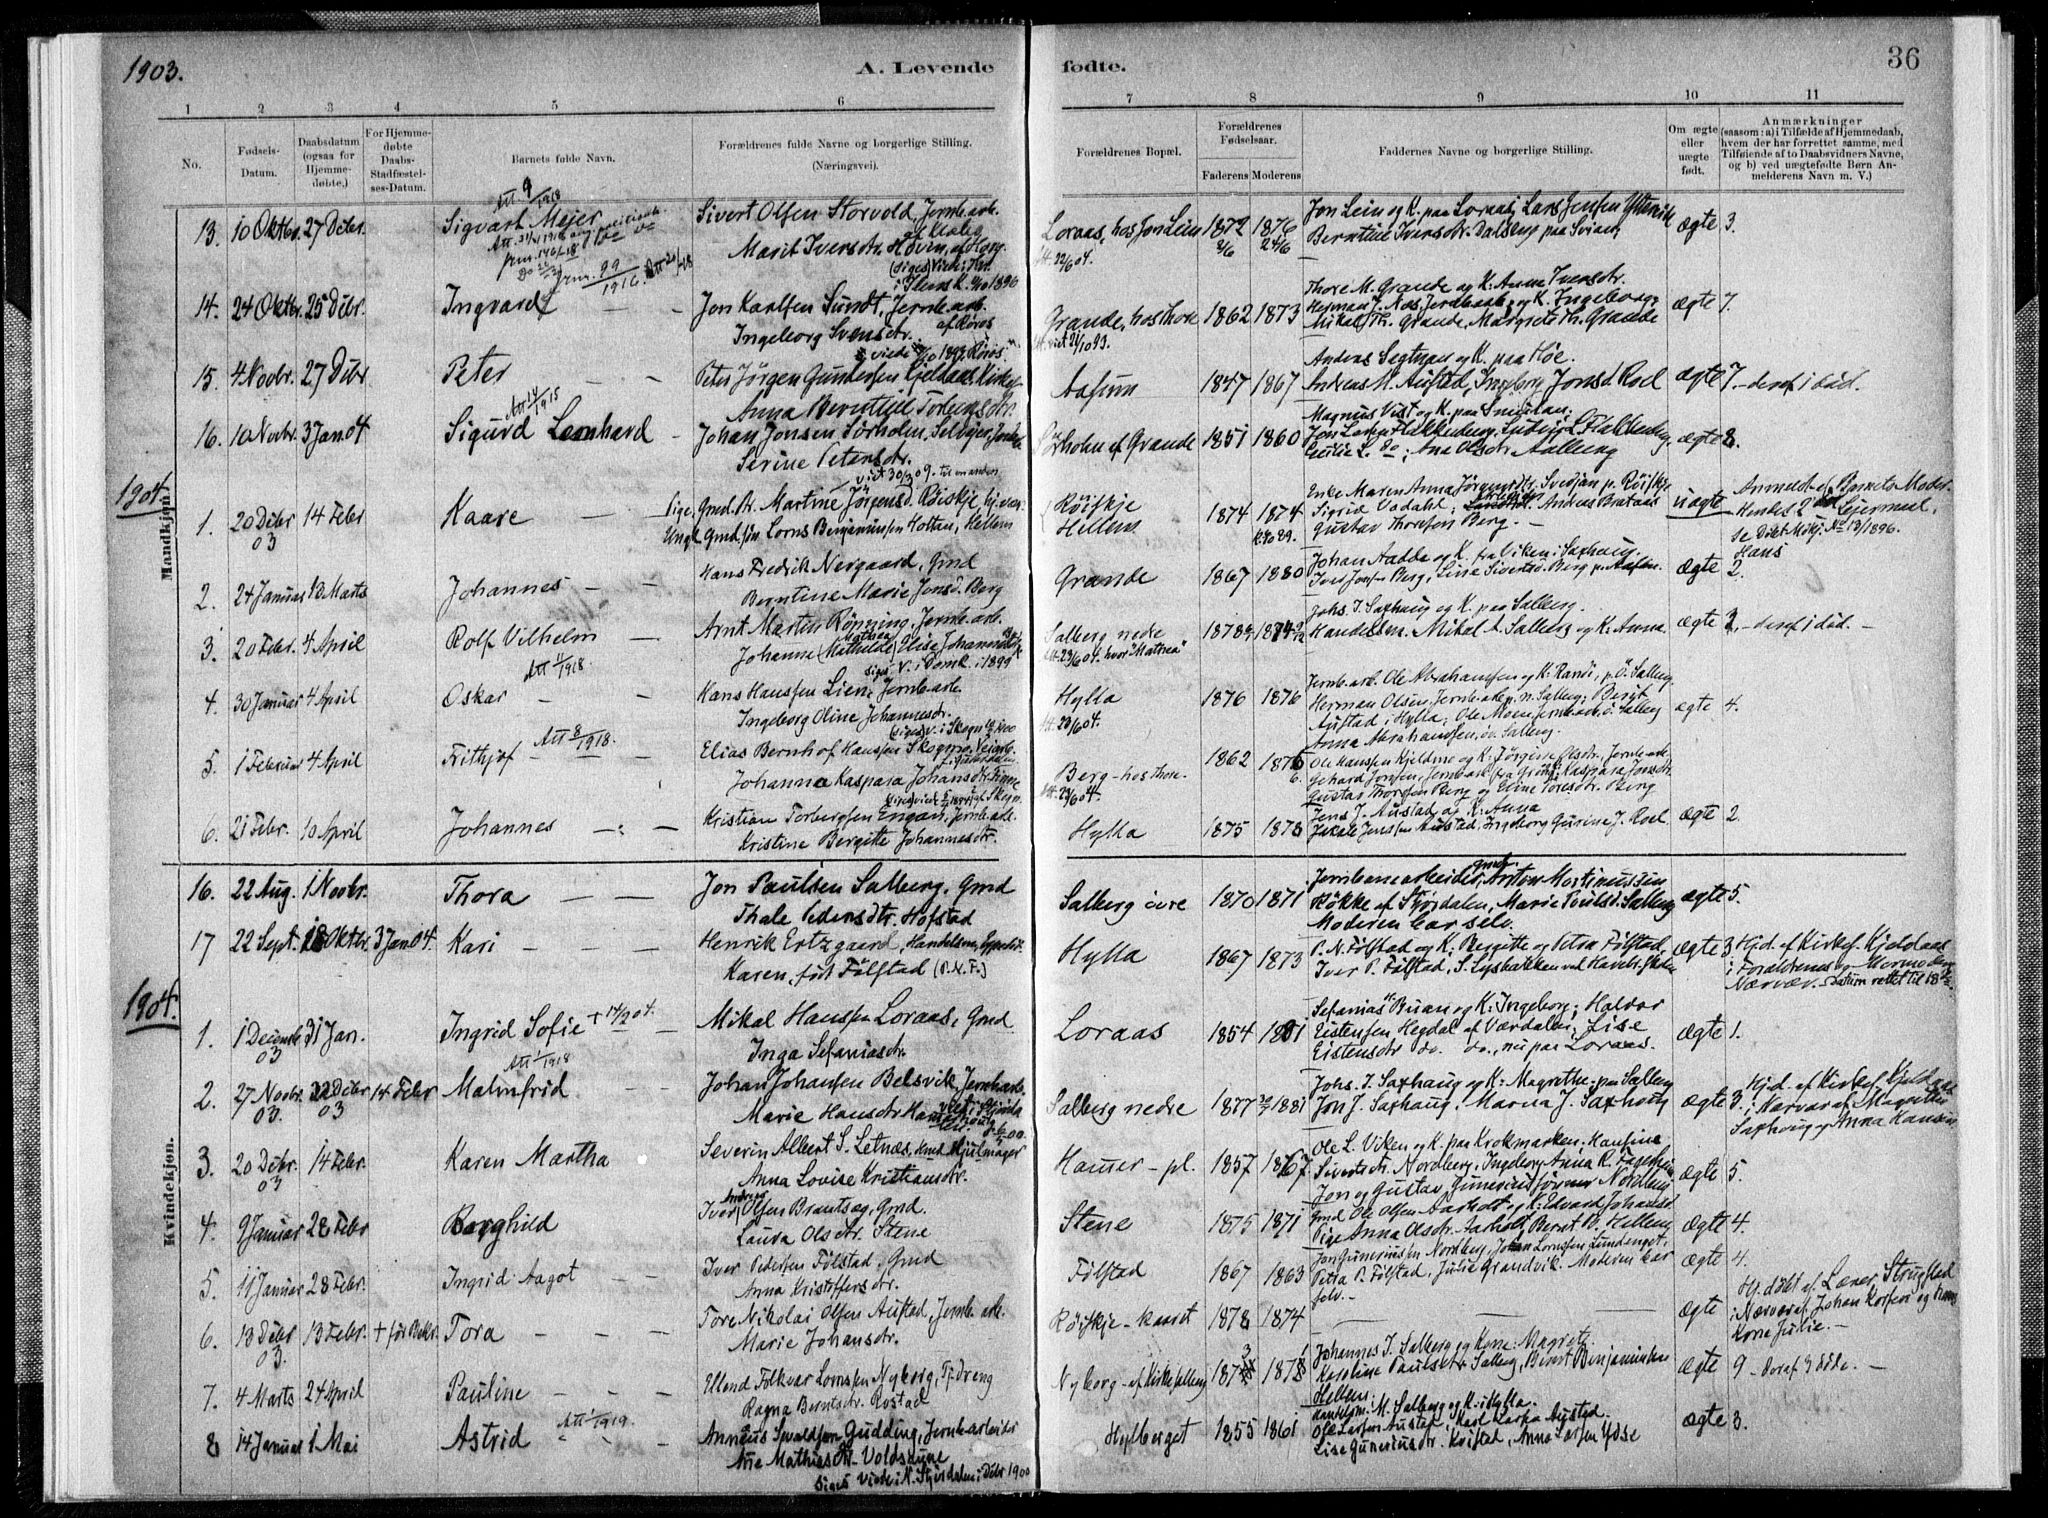 SAT, Ministerialprotokoller, klokkerbøker og fødselsregistre - Nord-Trøndelag, 731/L0309: Ministerialbok nr. 731A01, 1879-1918, s. 36